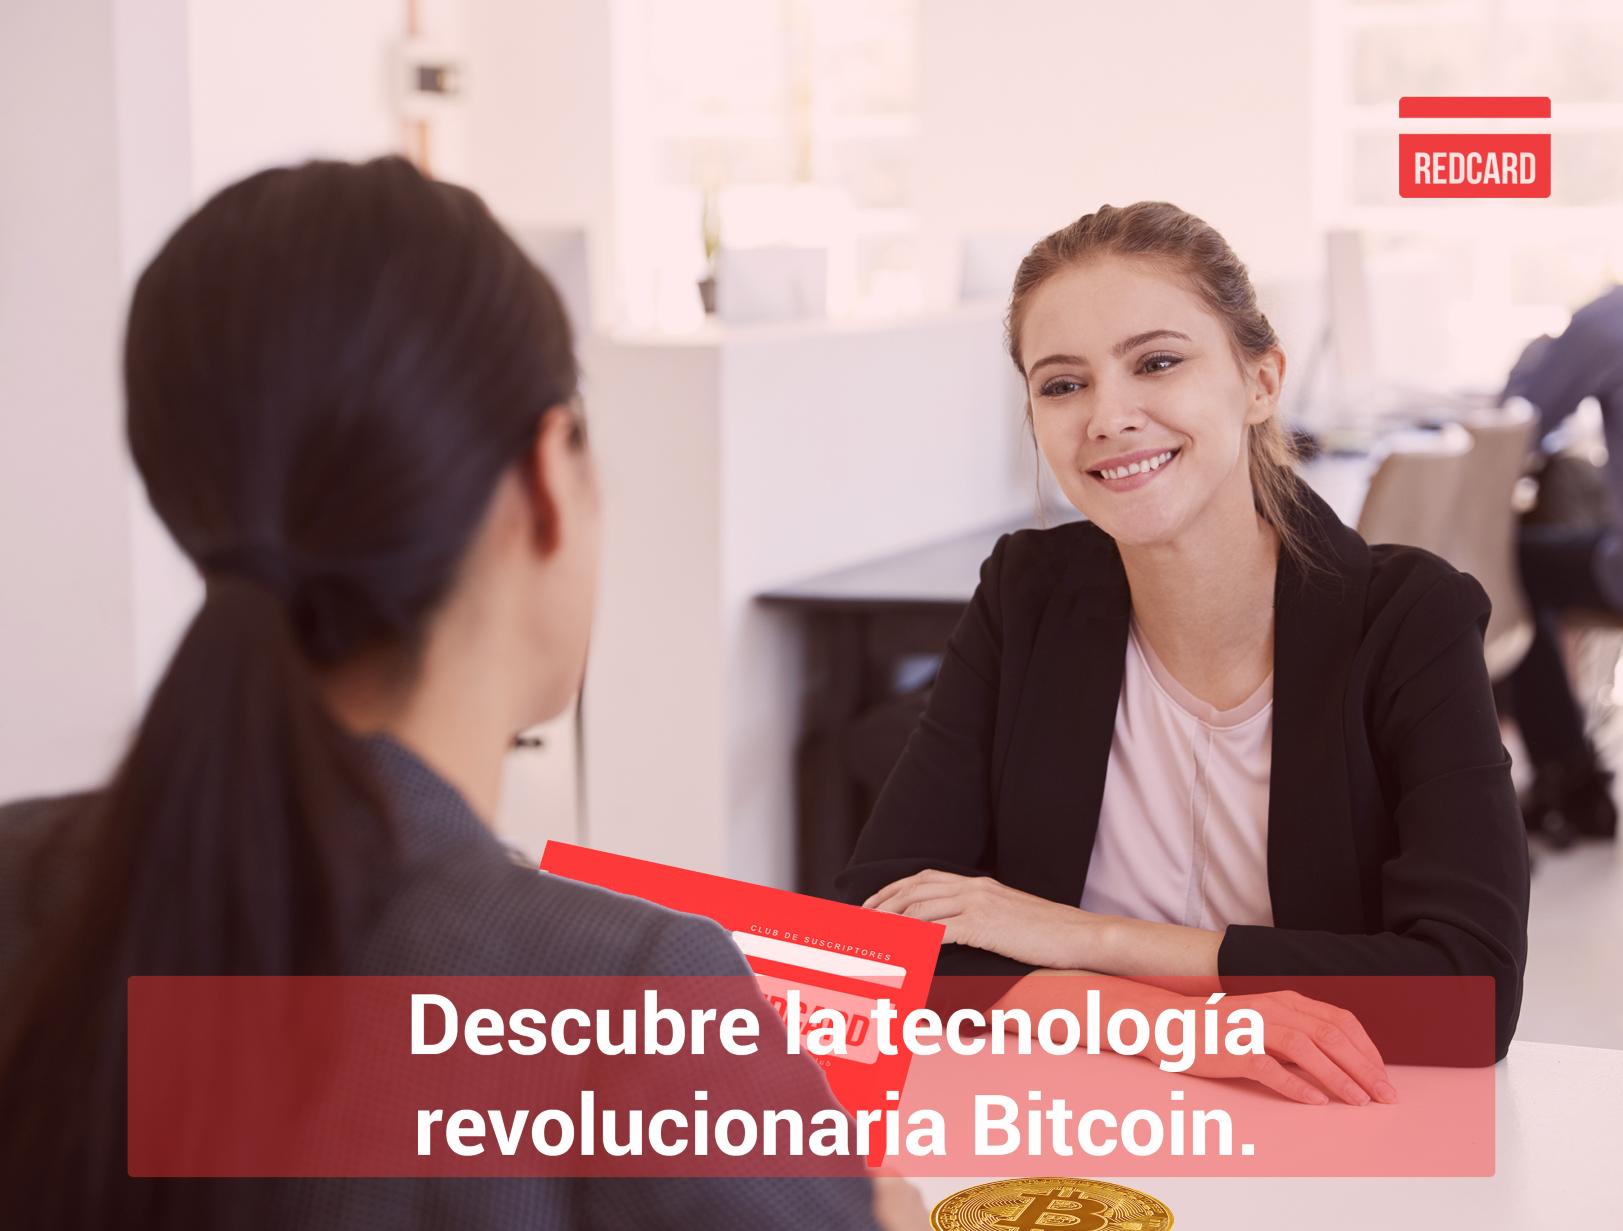 Descubre la tecnología revolucionaria de Bitcoin